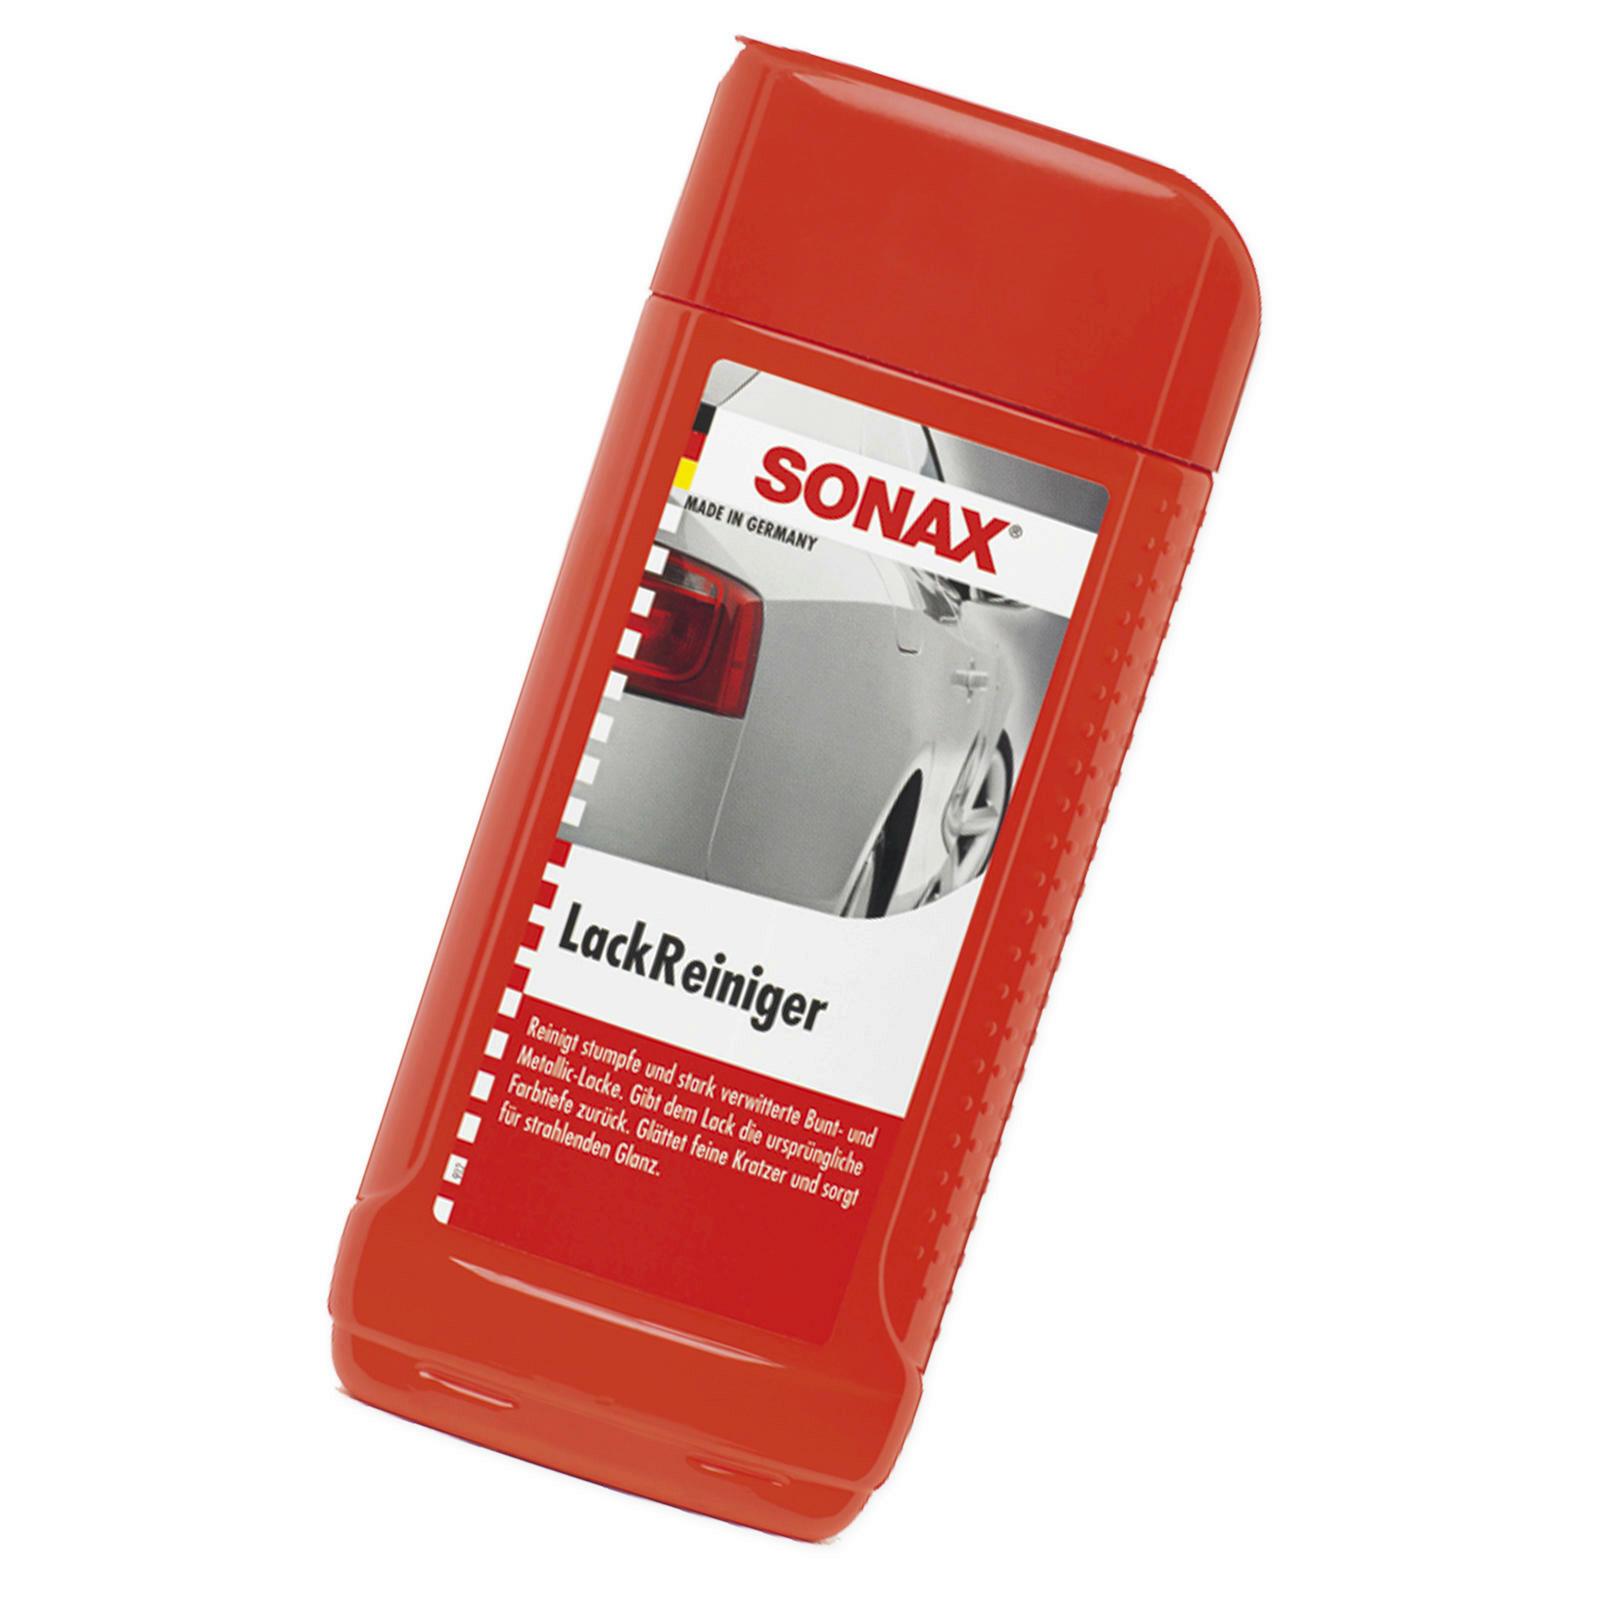 SONAX LackReiniger 500ml